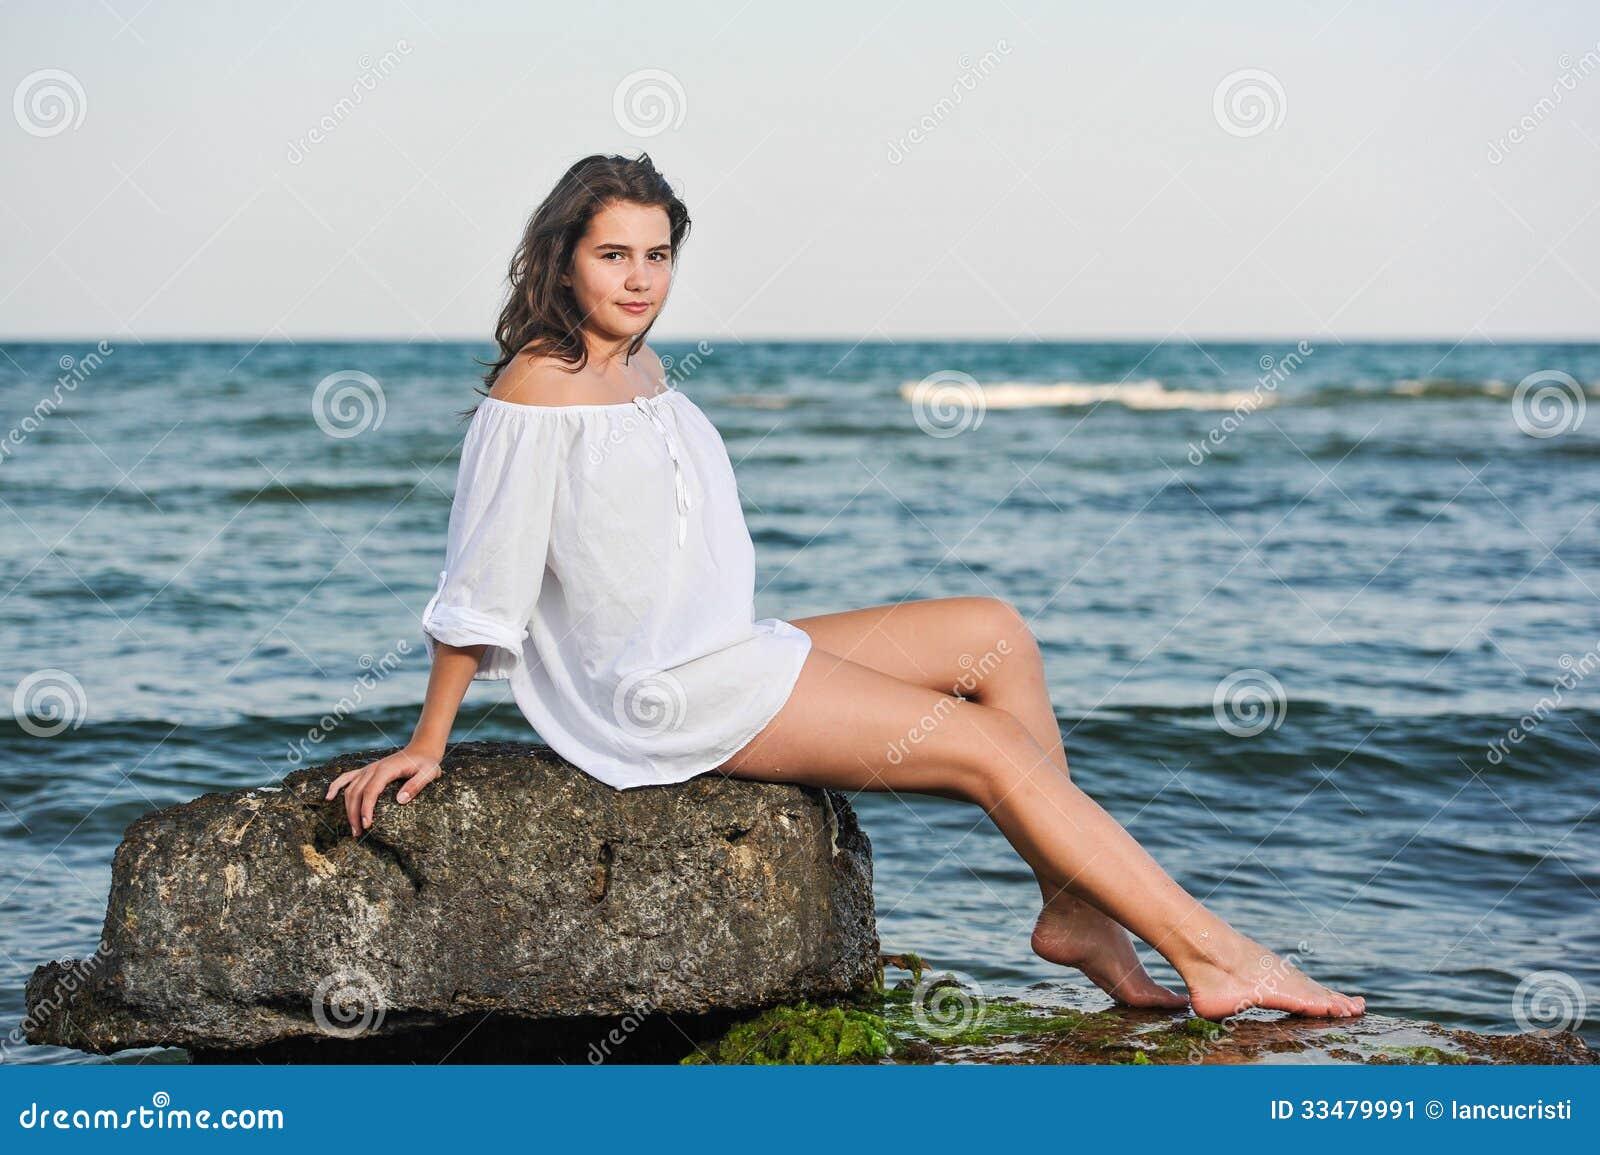 girl sitting Bikini